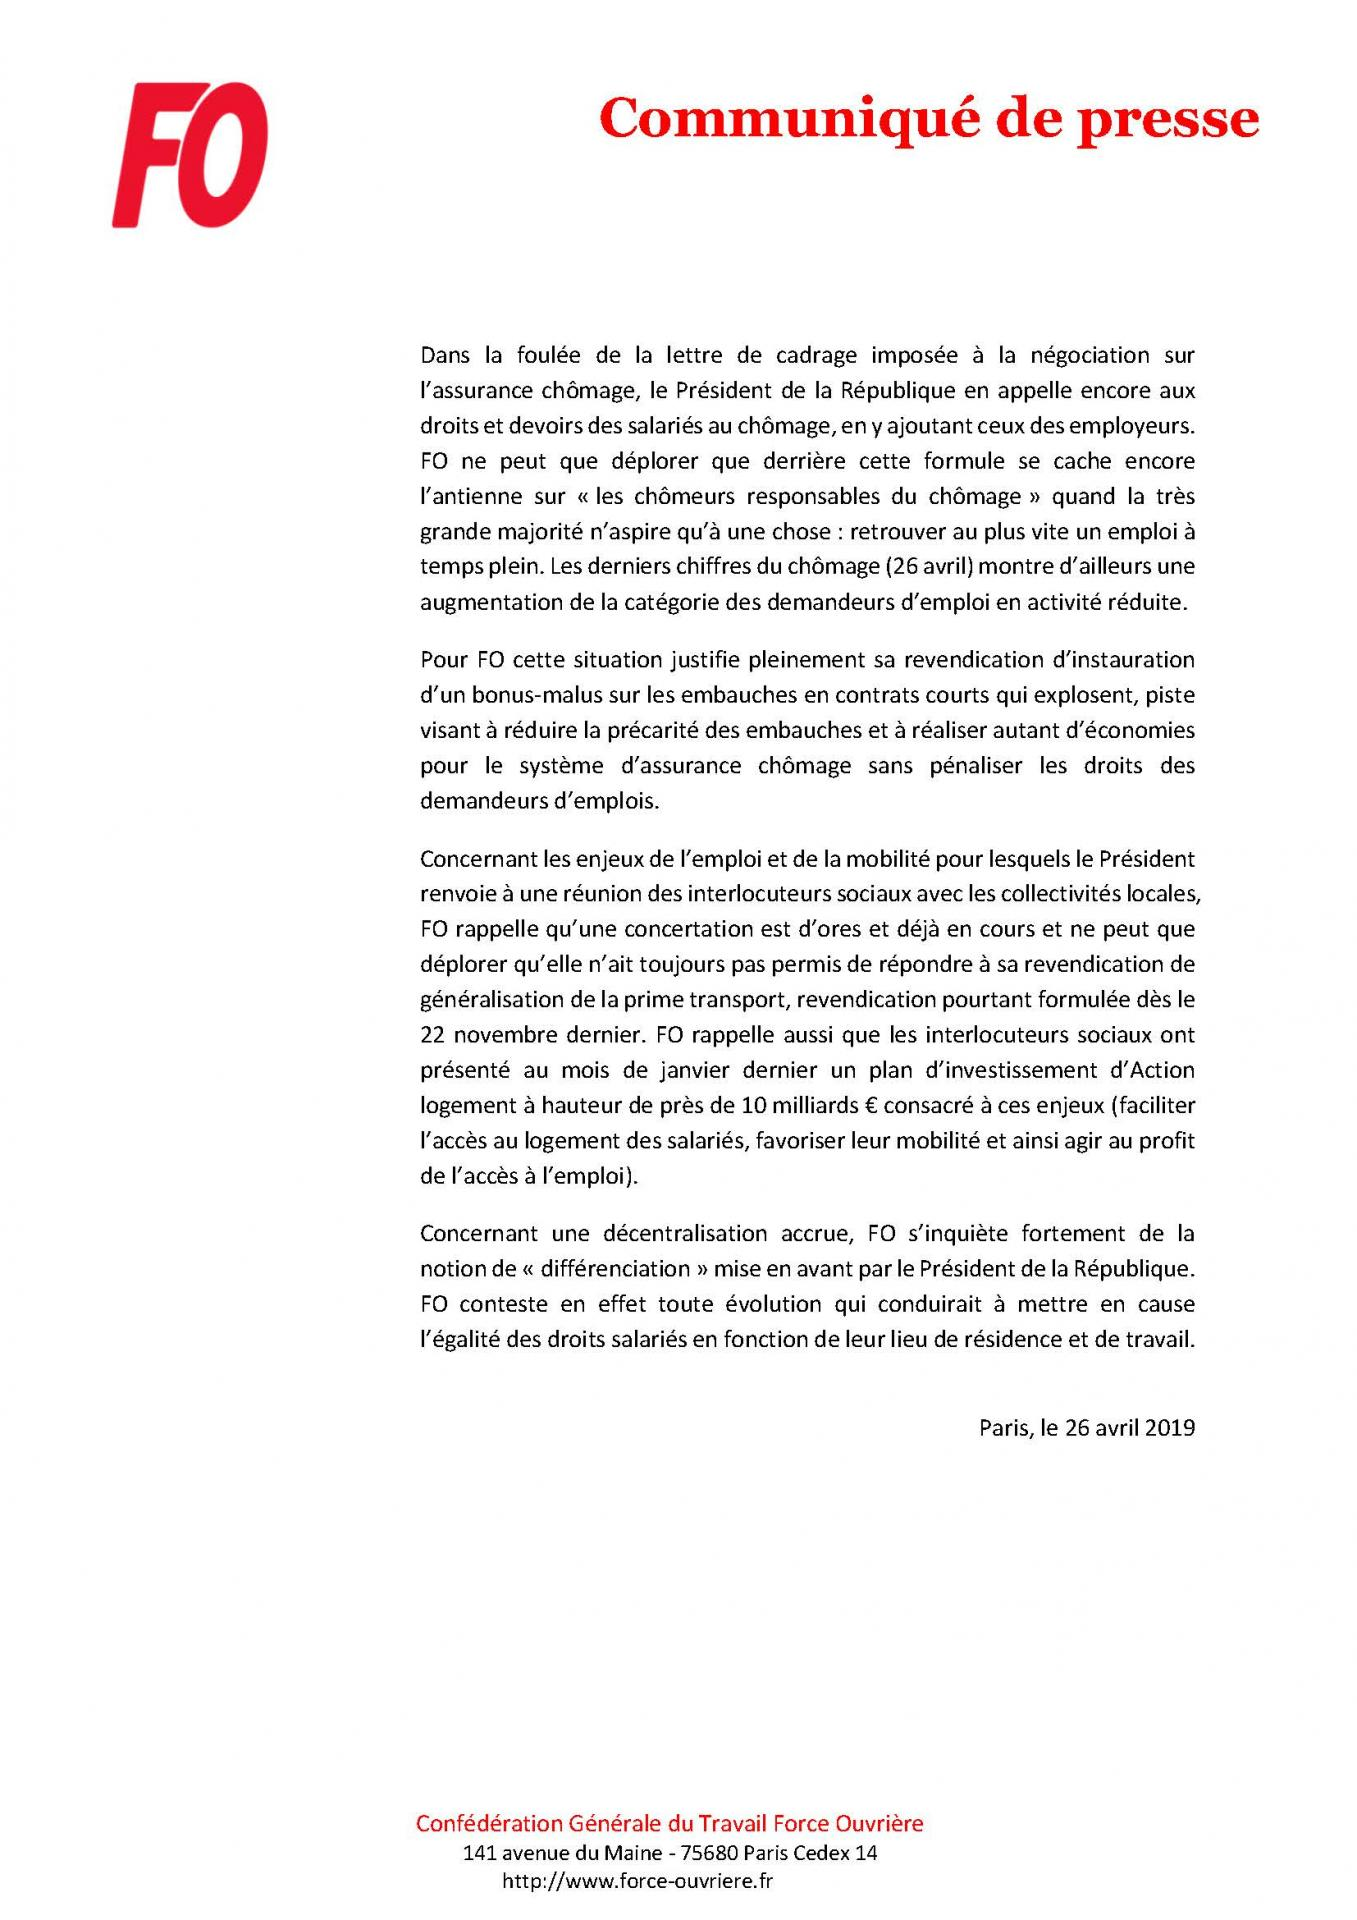 Cp fo conference de presse du president de la republique premiere reaction page 3